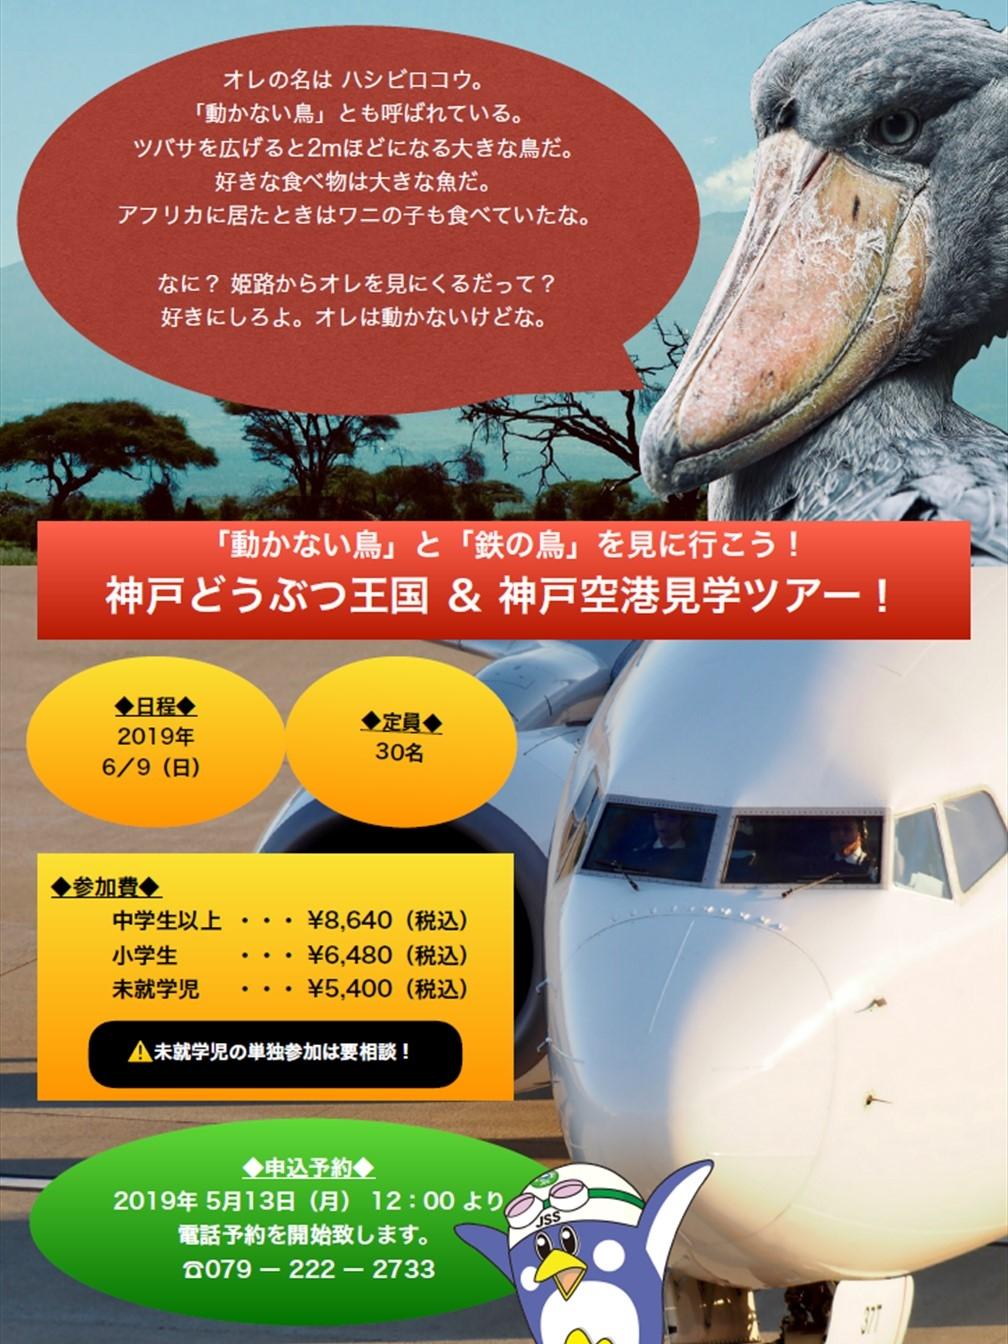 春の遠足「神戸どうぶつ王国&神戸空港」